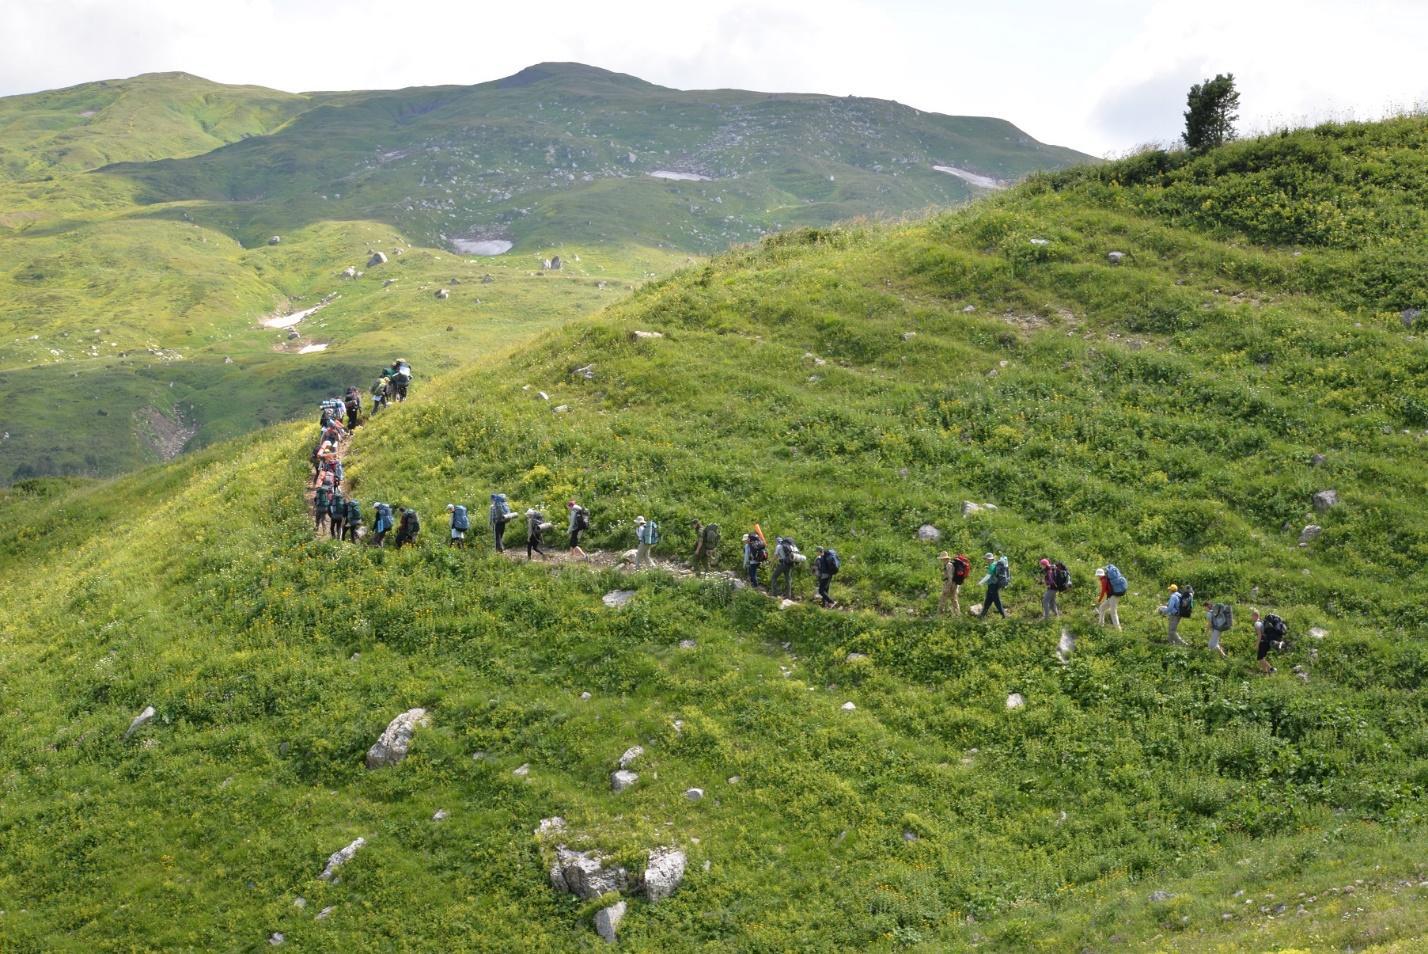 Рисунок 2. Туристы поднимаются на гору